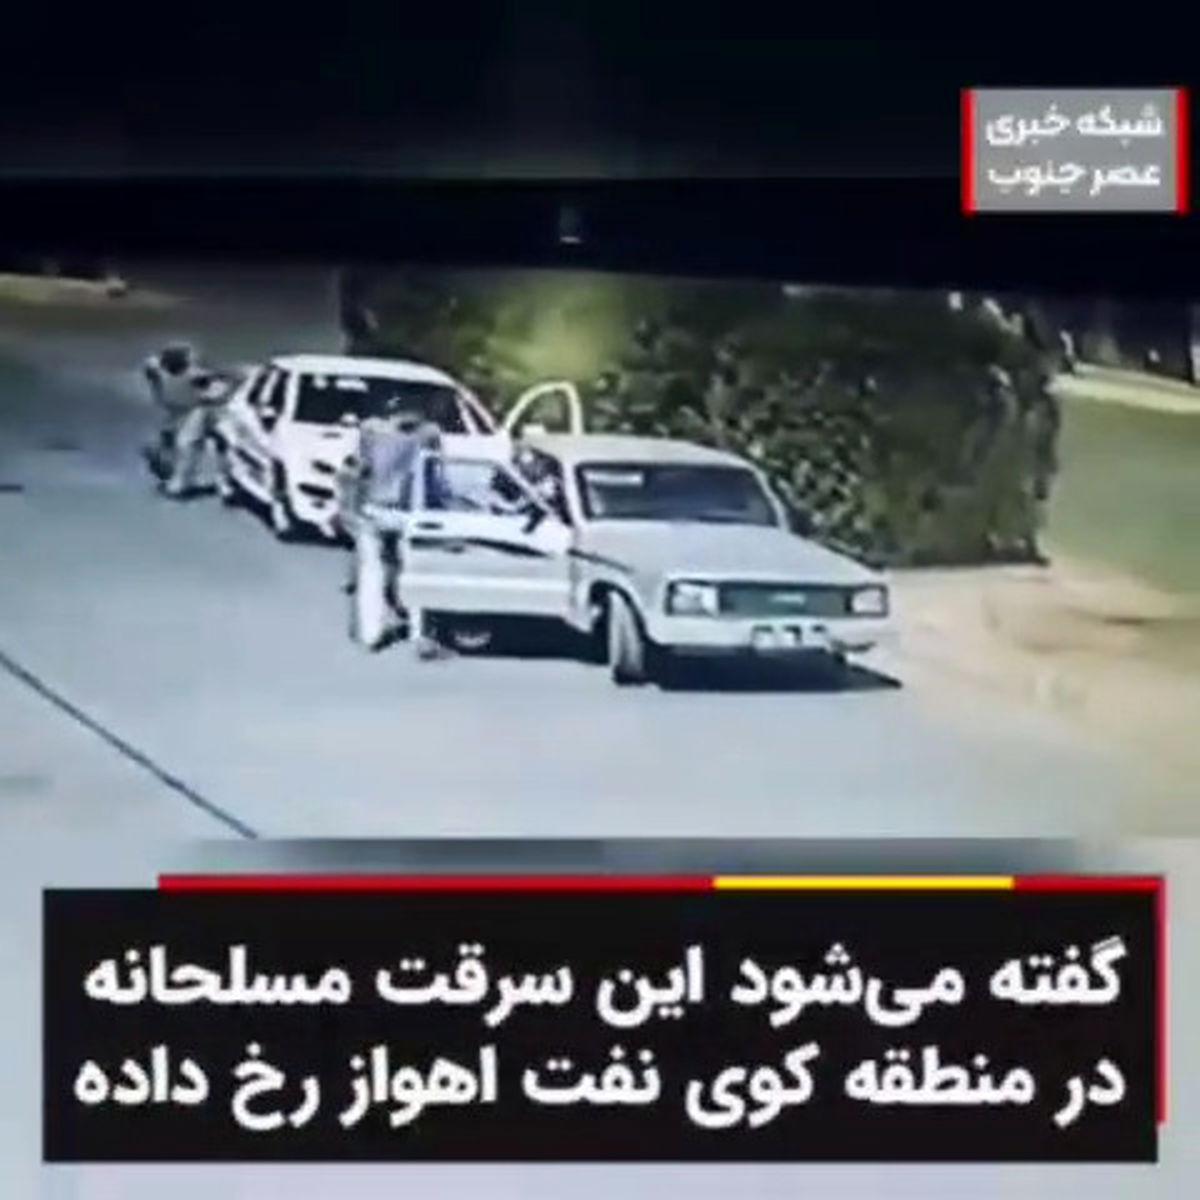 سرقت خودروی ۲۰۶ با اسلحه جنگی و خودروی وانت!/ در اهواز رخ داد +فیلم